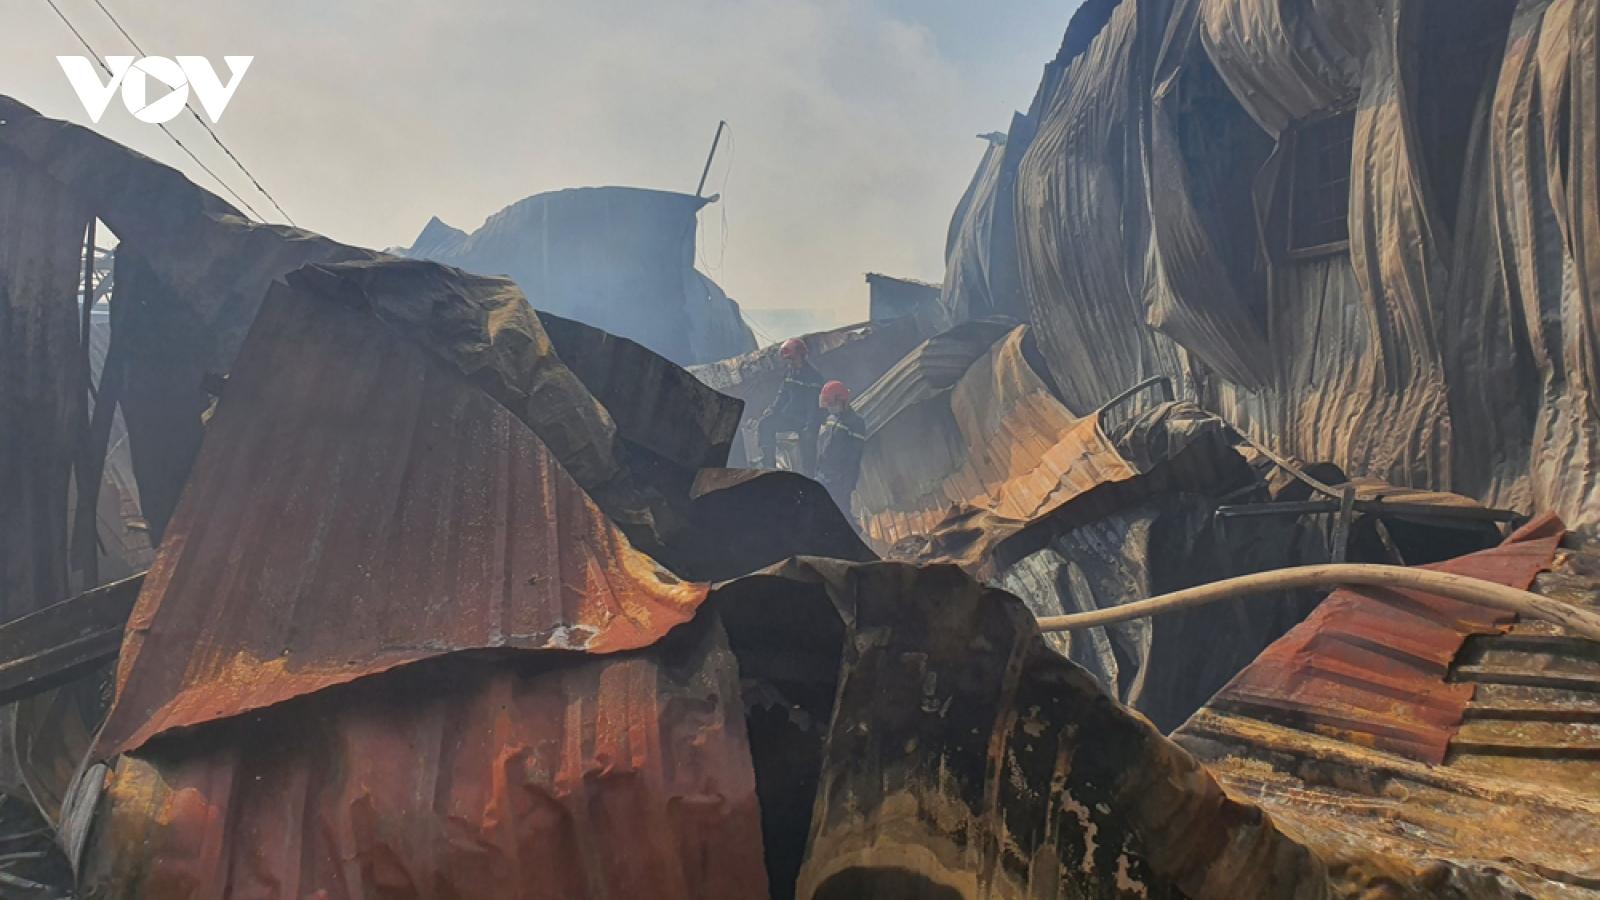 Vụ cháy dãy ki ốt ở Bình Dương ước tính thiệt hại hàng tỷ đồng